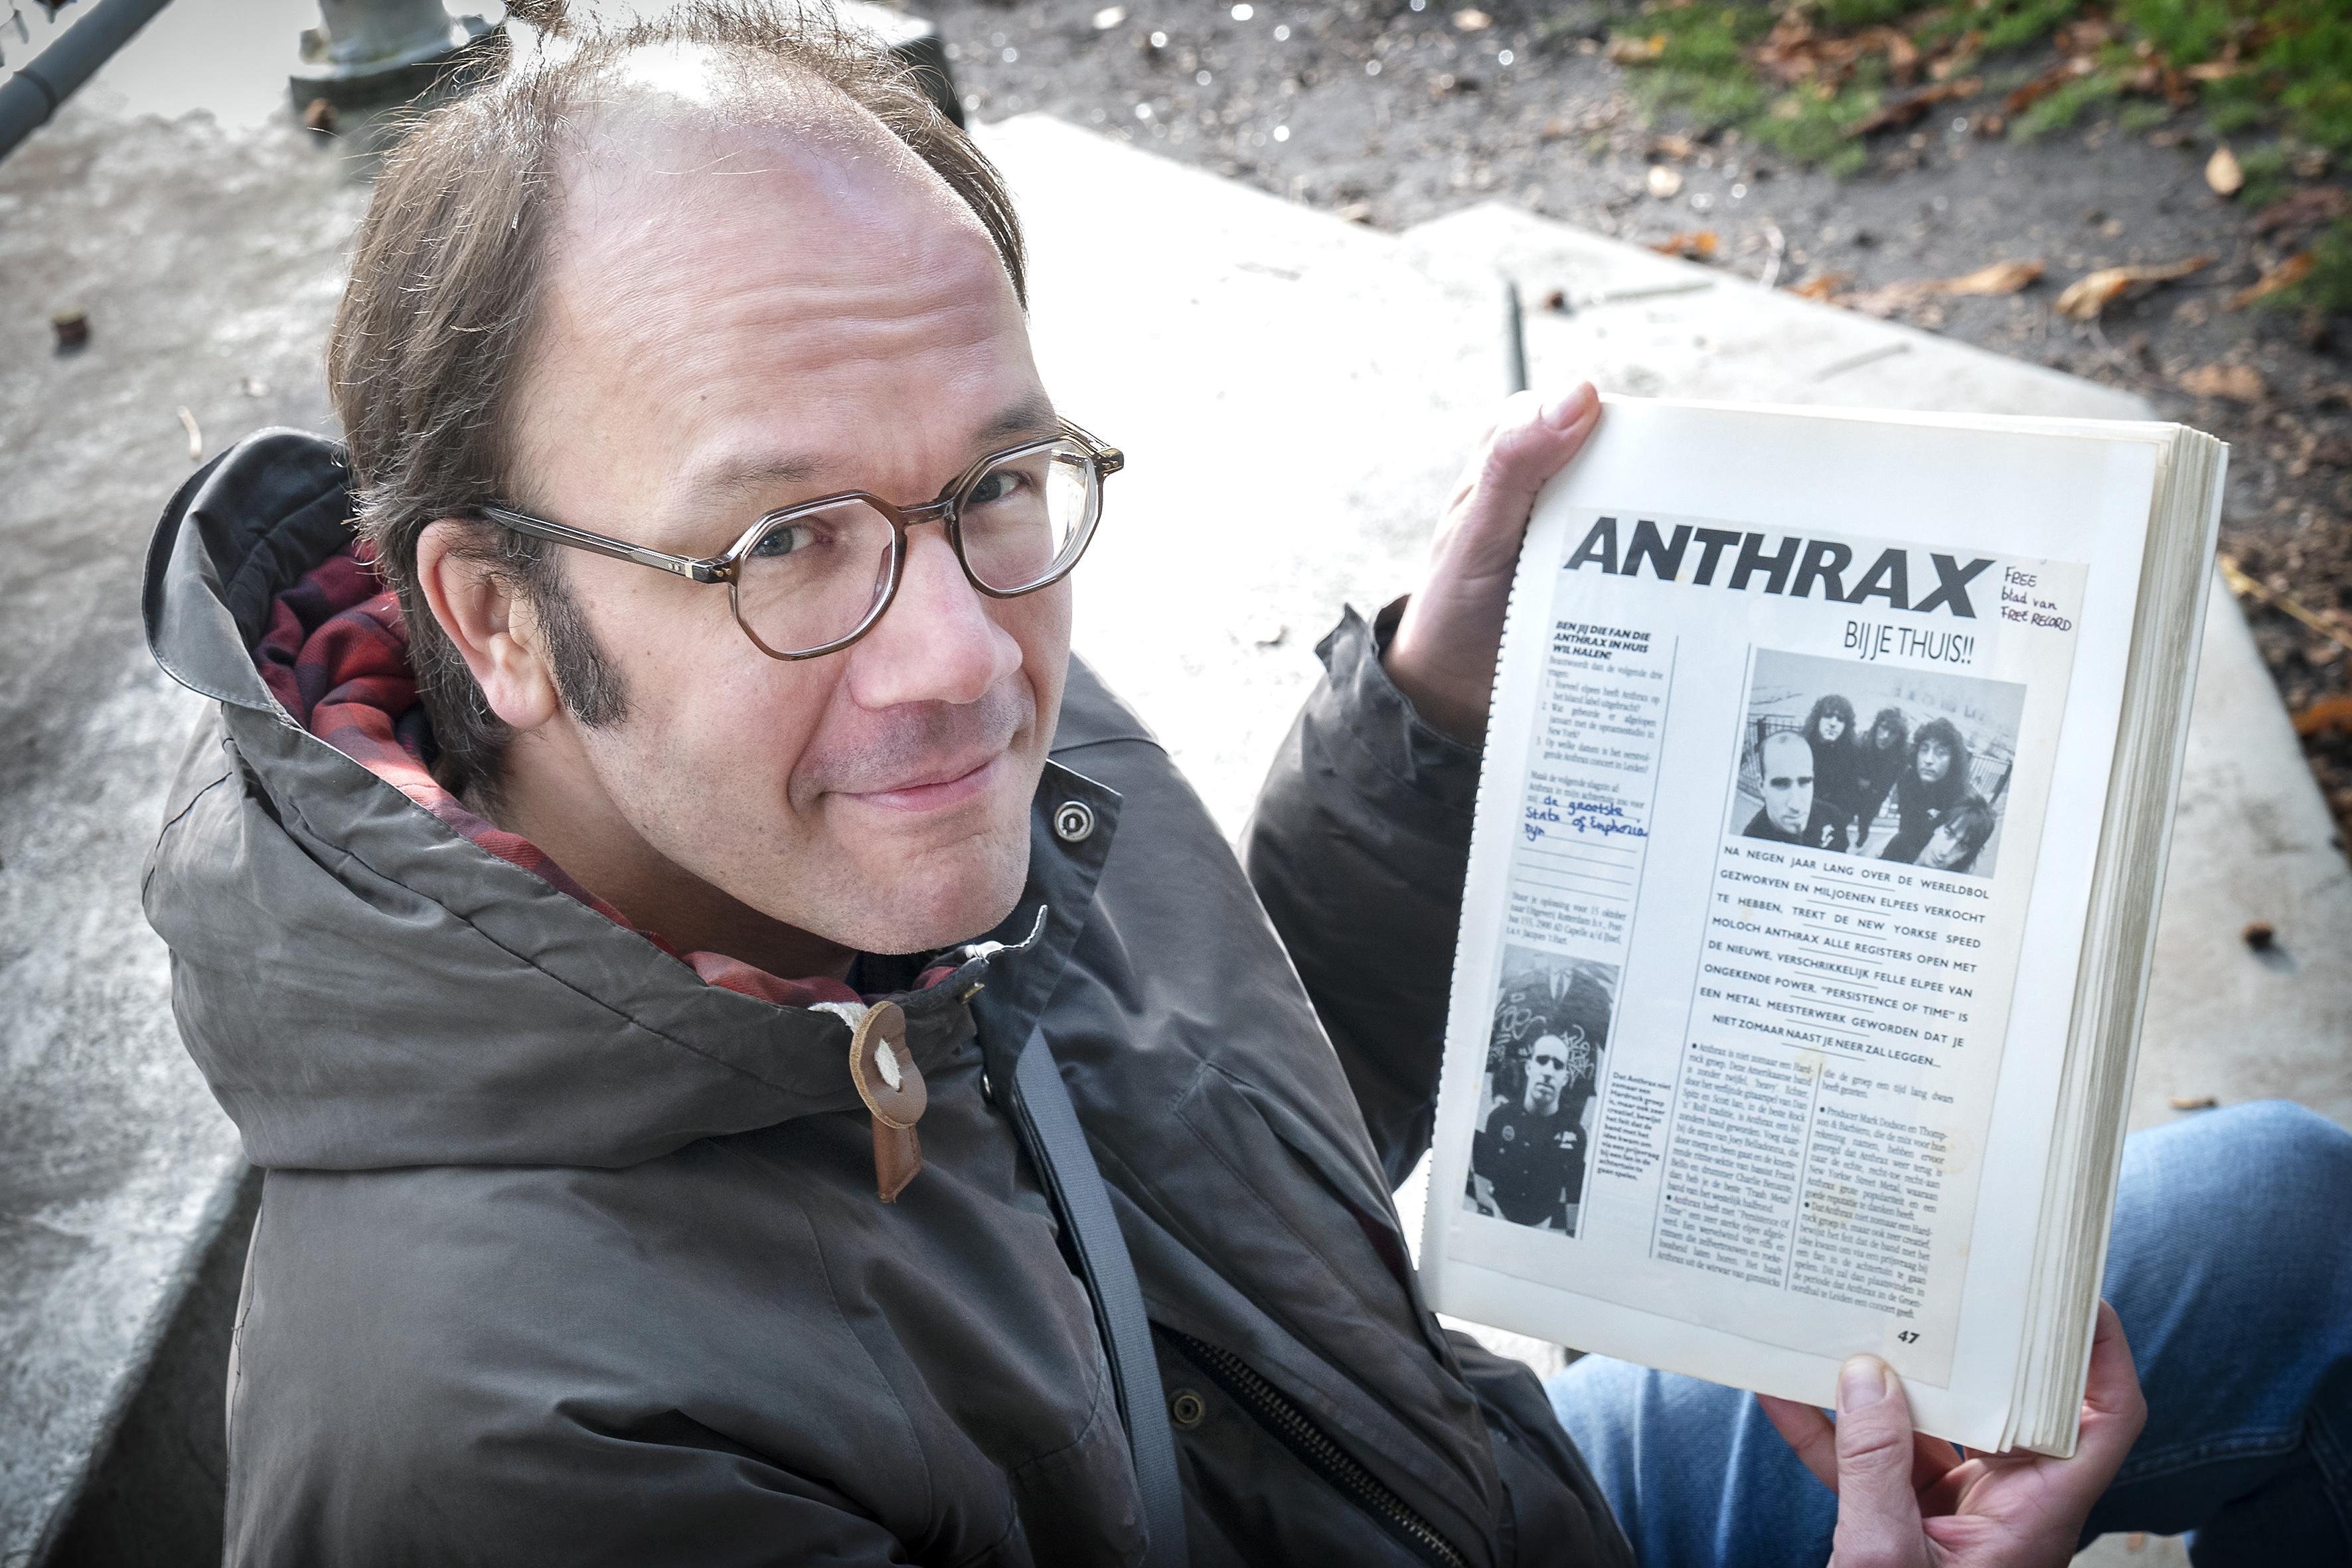 Wereldberoemde heavy metal-band Anthrax zette dertig jaar geleden de wijk Bornholm in Hoofddorp op stelten. Stefan Koer blikt terug: 'Dat is toch iets heel unieks geweest' [video]